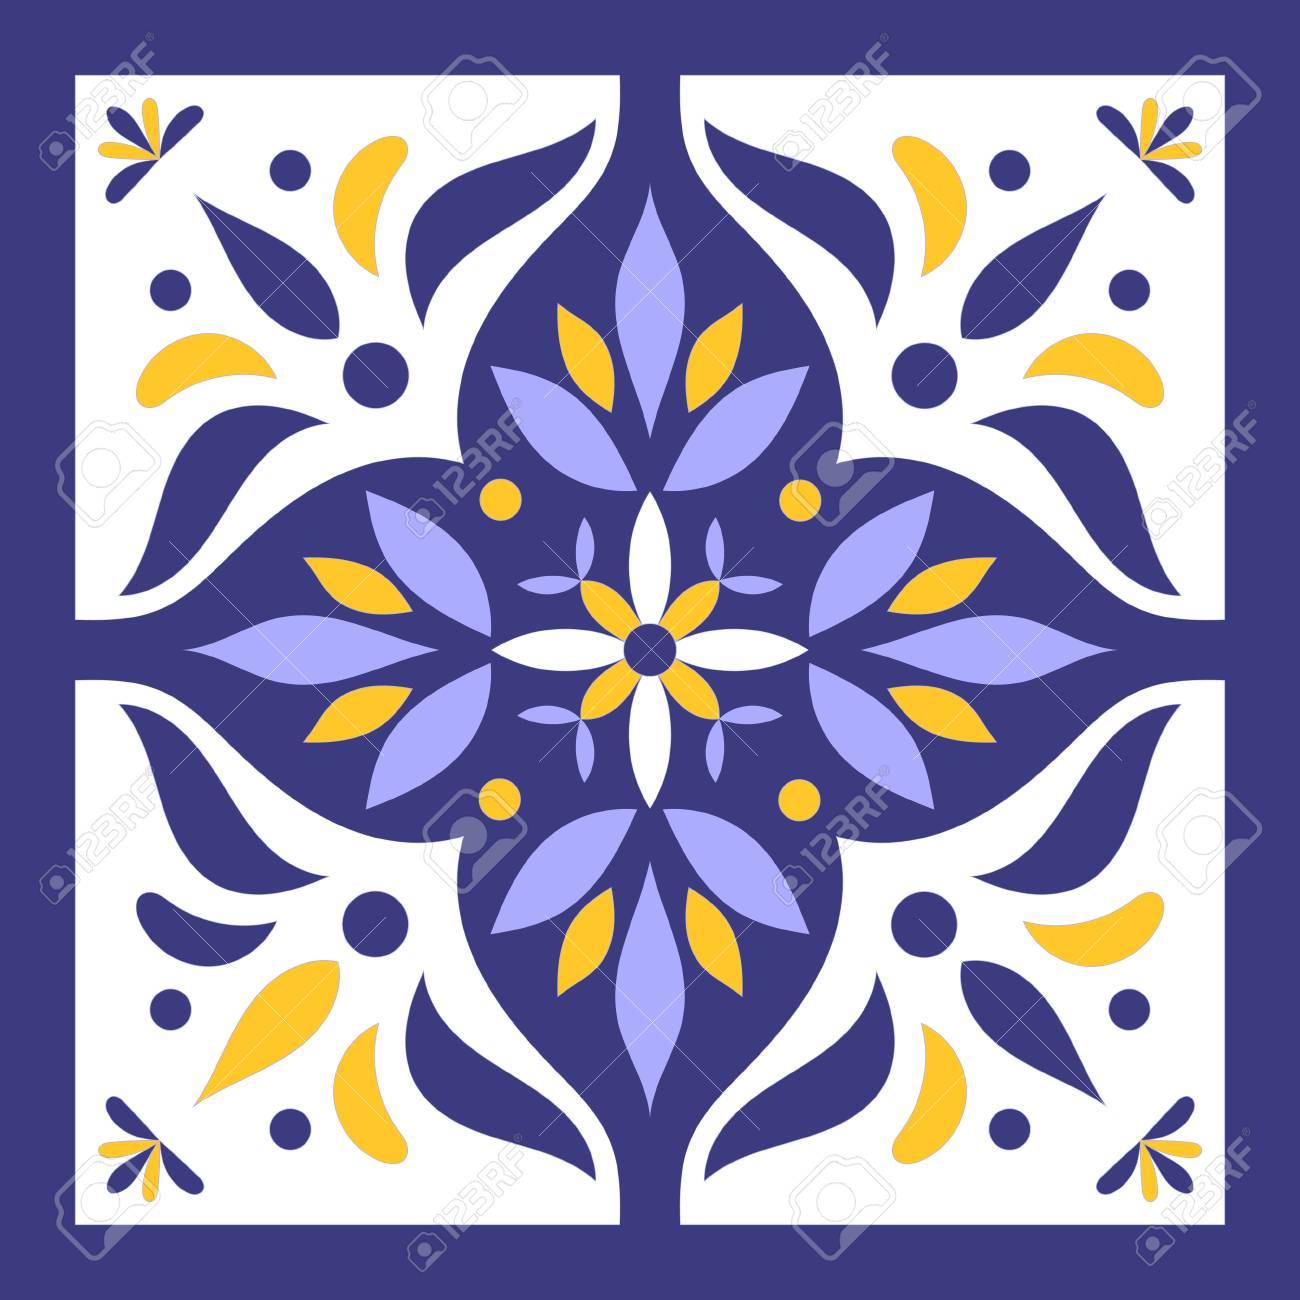 Salle De Bain Discac Loft ~ Vecteur De Tuile Bleu Jaune Et Blanc Mod Le De Carreaux Portugais